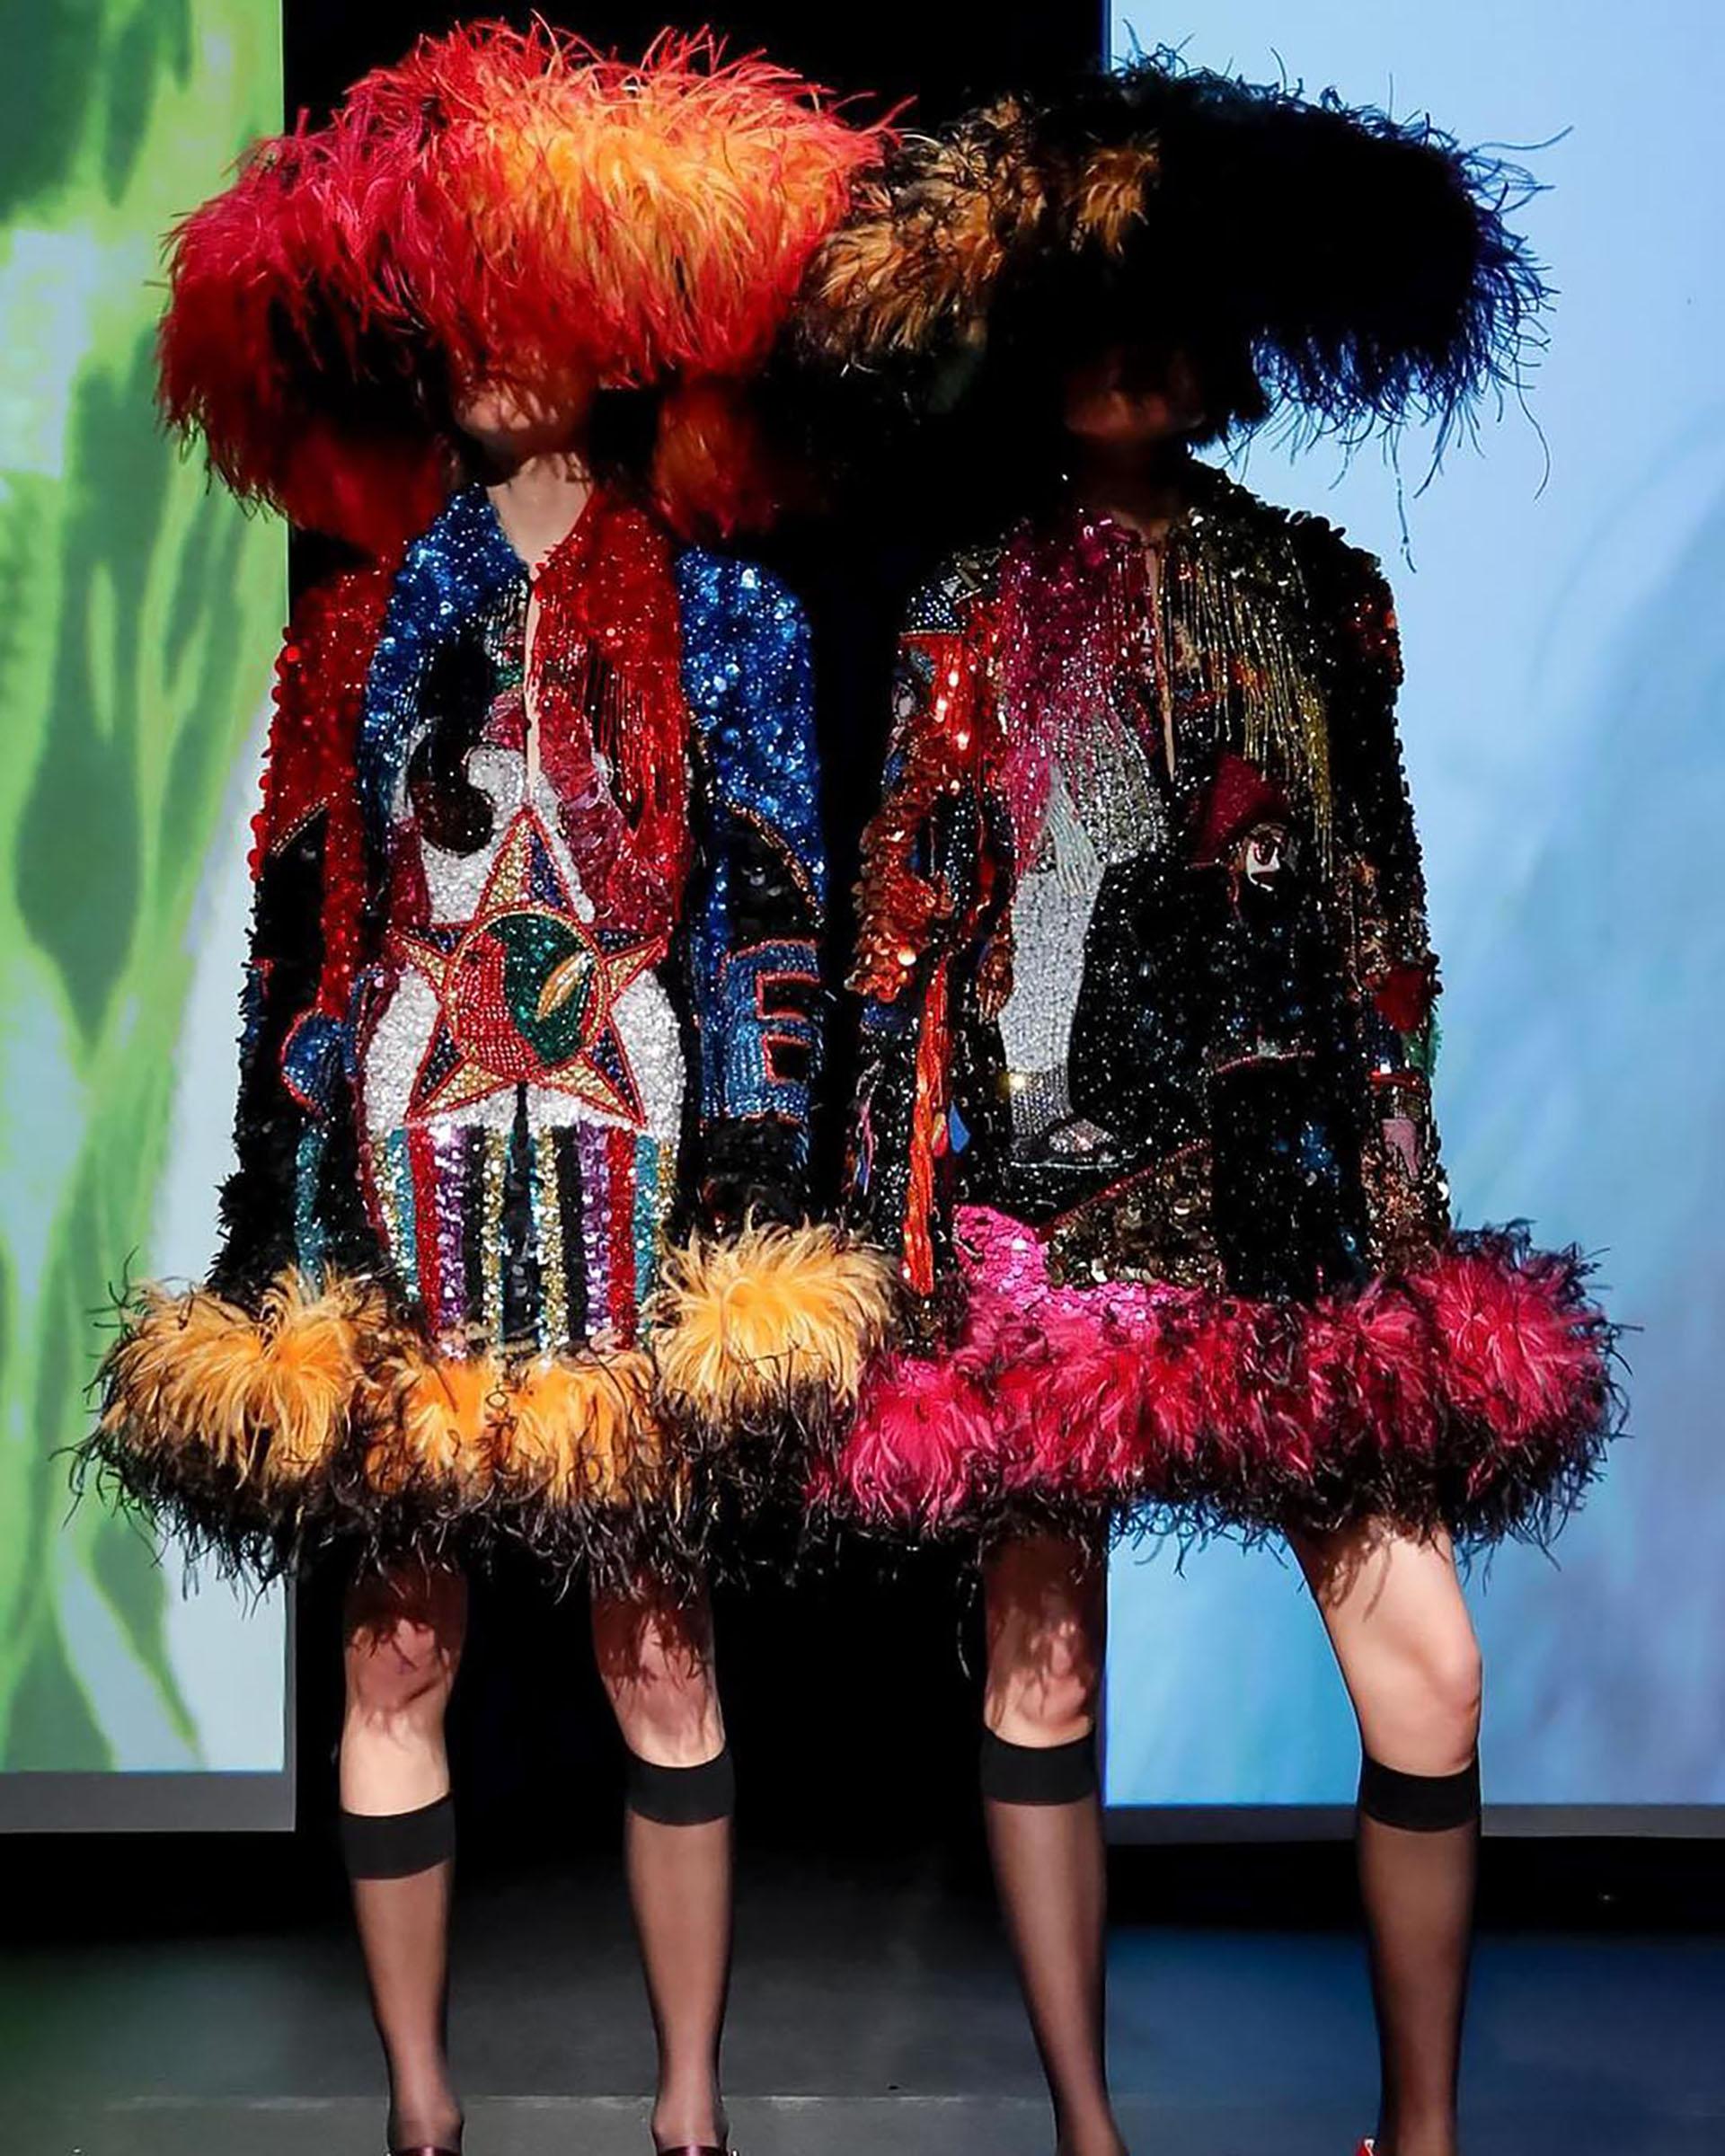 Vestidos relucientes con detalles recortados fueron presentados junto con vestidos de plumas y combinados con sombreros a juego (Instagram: @eletrikhman)